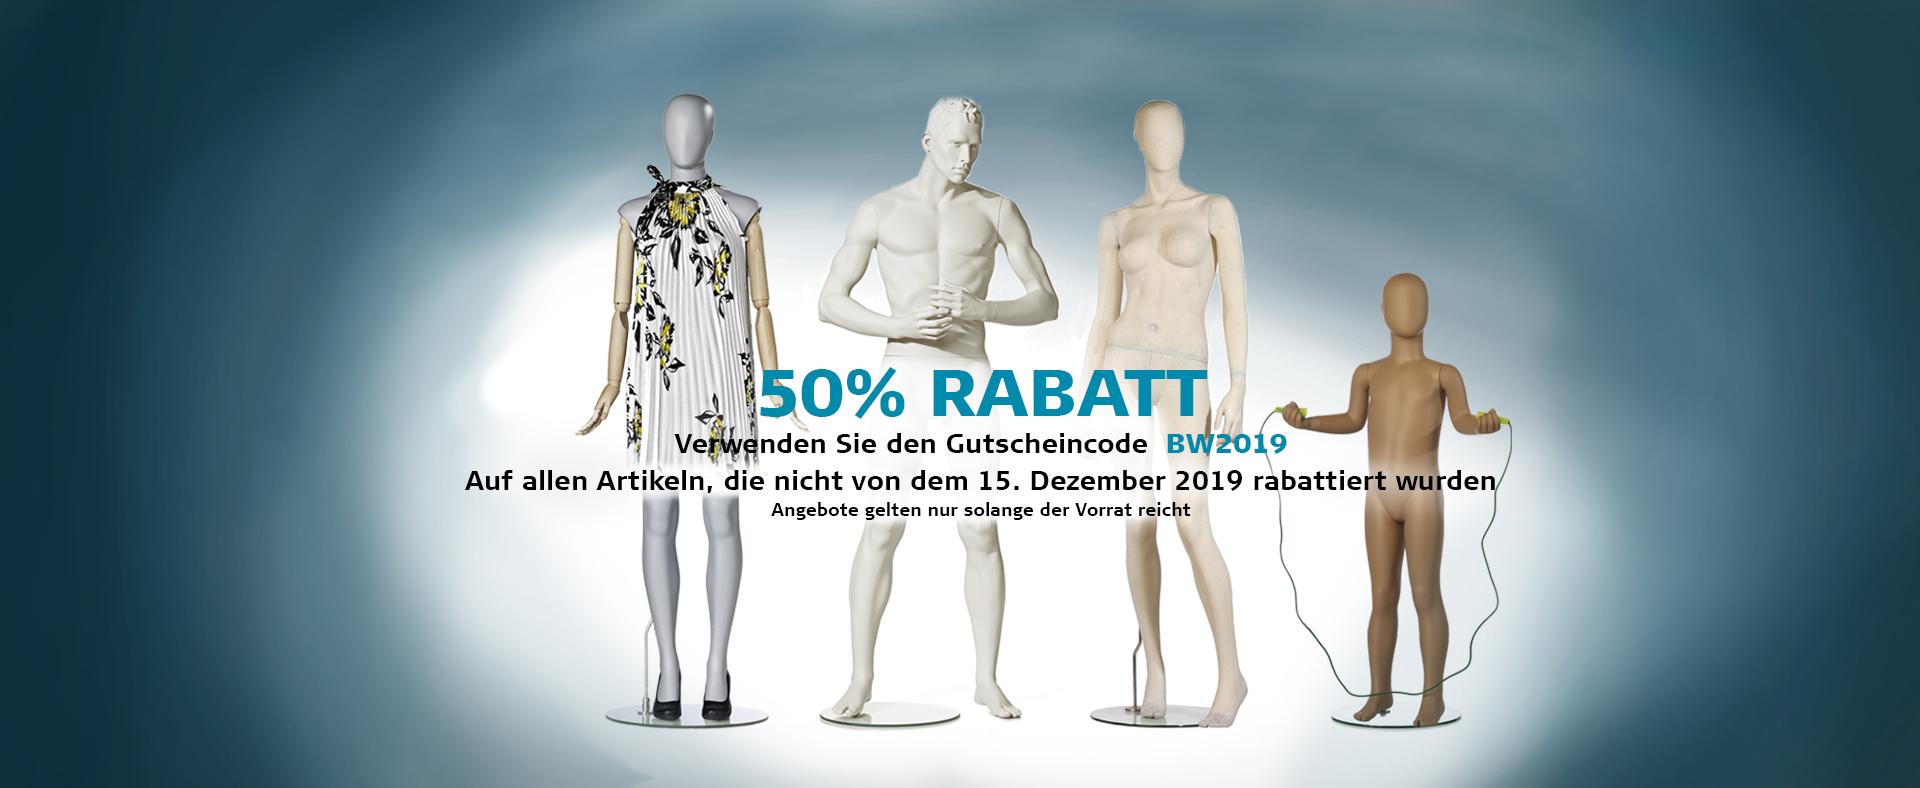 DE5-mannrquins-rabat